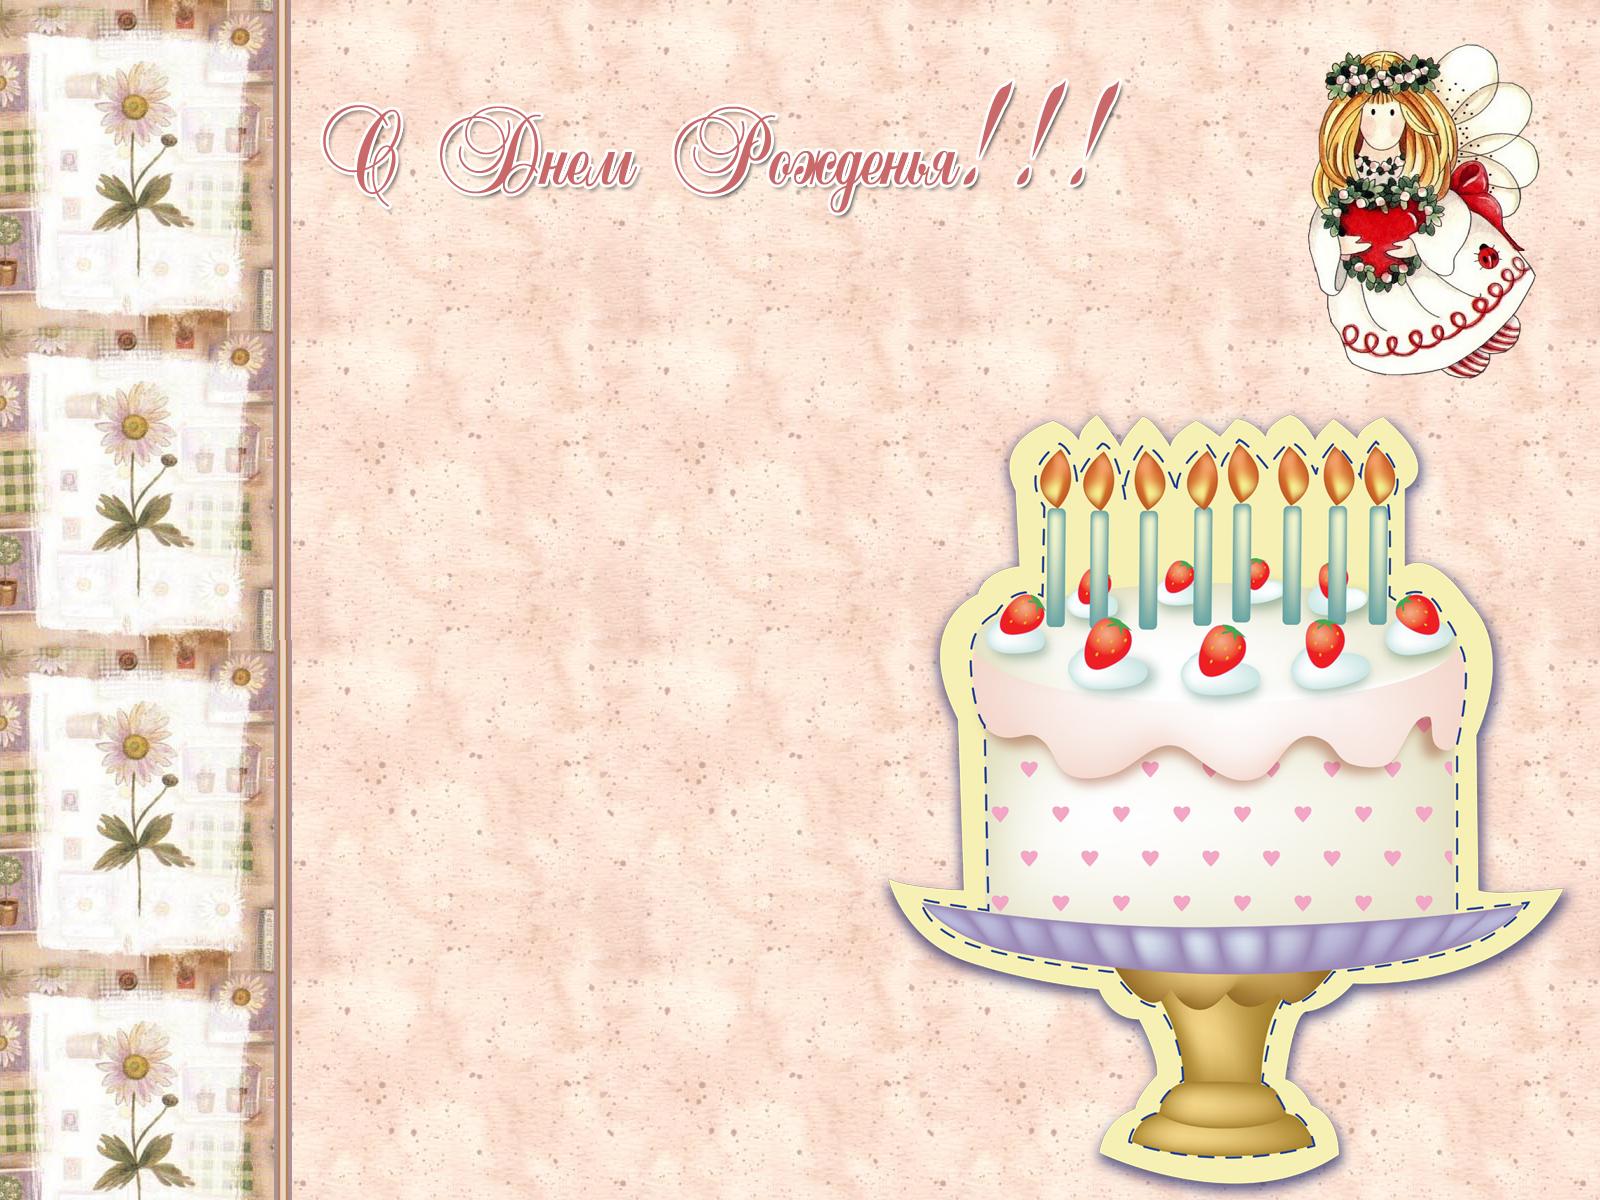 Картинка с тортом для открытки